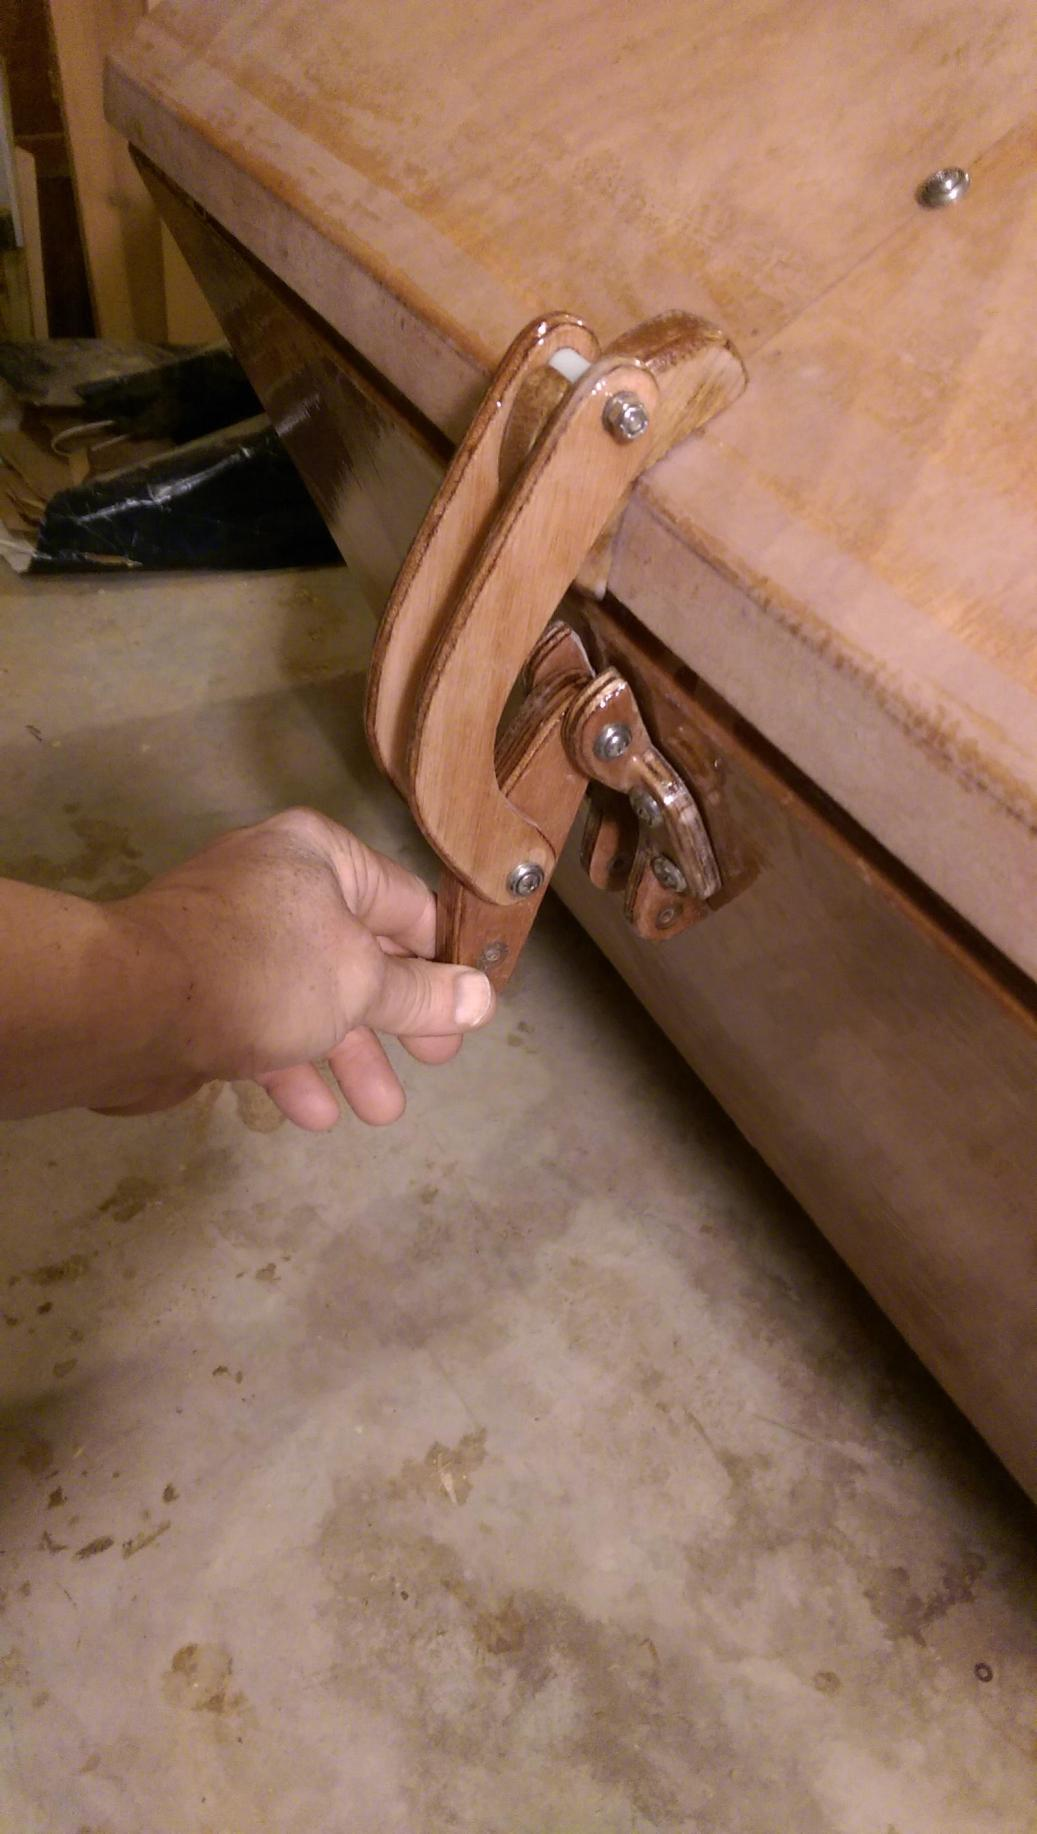 Closing latch